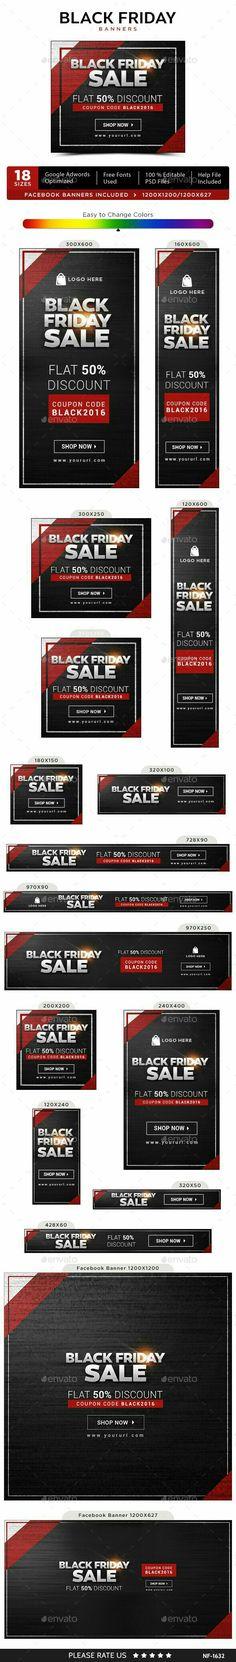 c785e1d36dc Black Friday Sale Flyer Sales Template